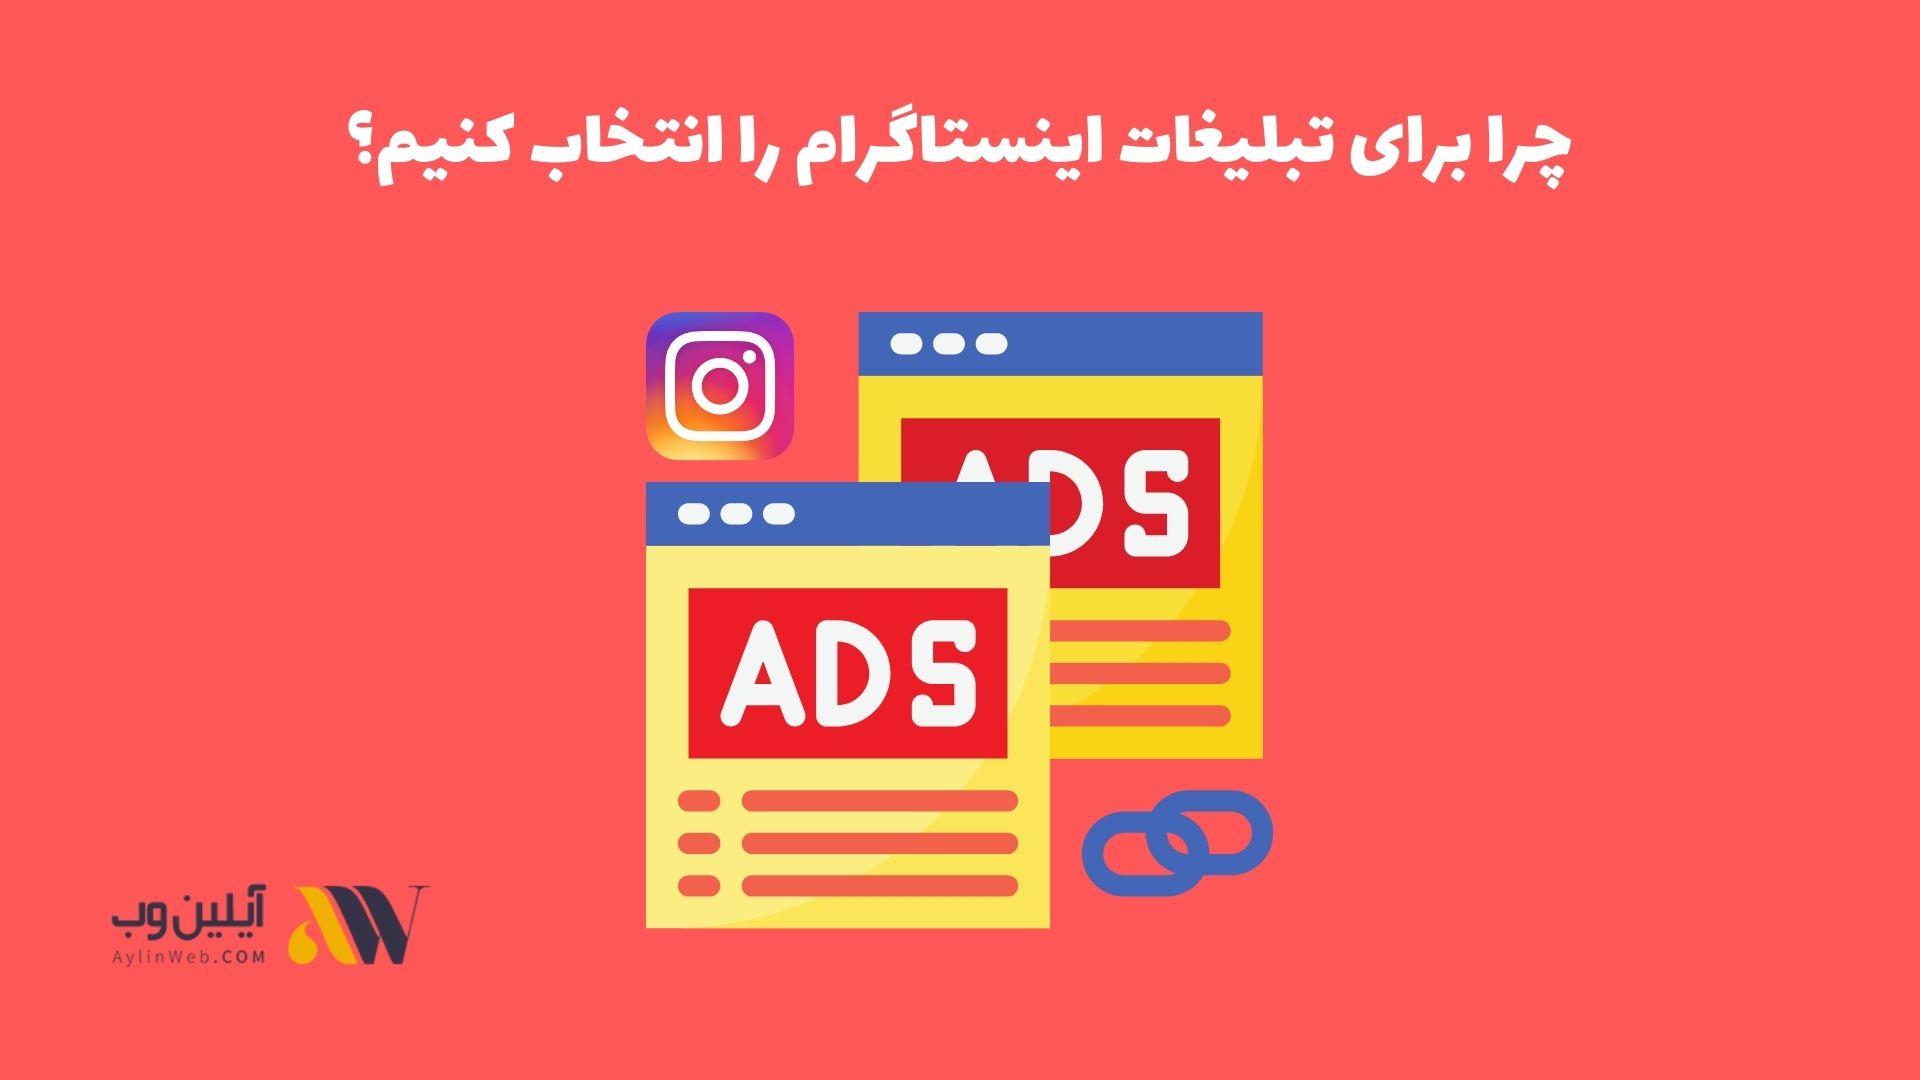 چرا برای تبلیغات، اینستاگرام را انتخاب کنیم؟